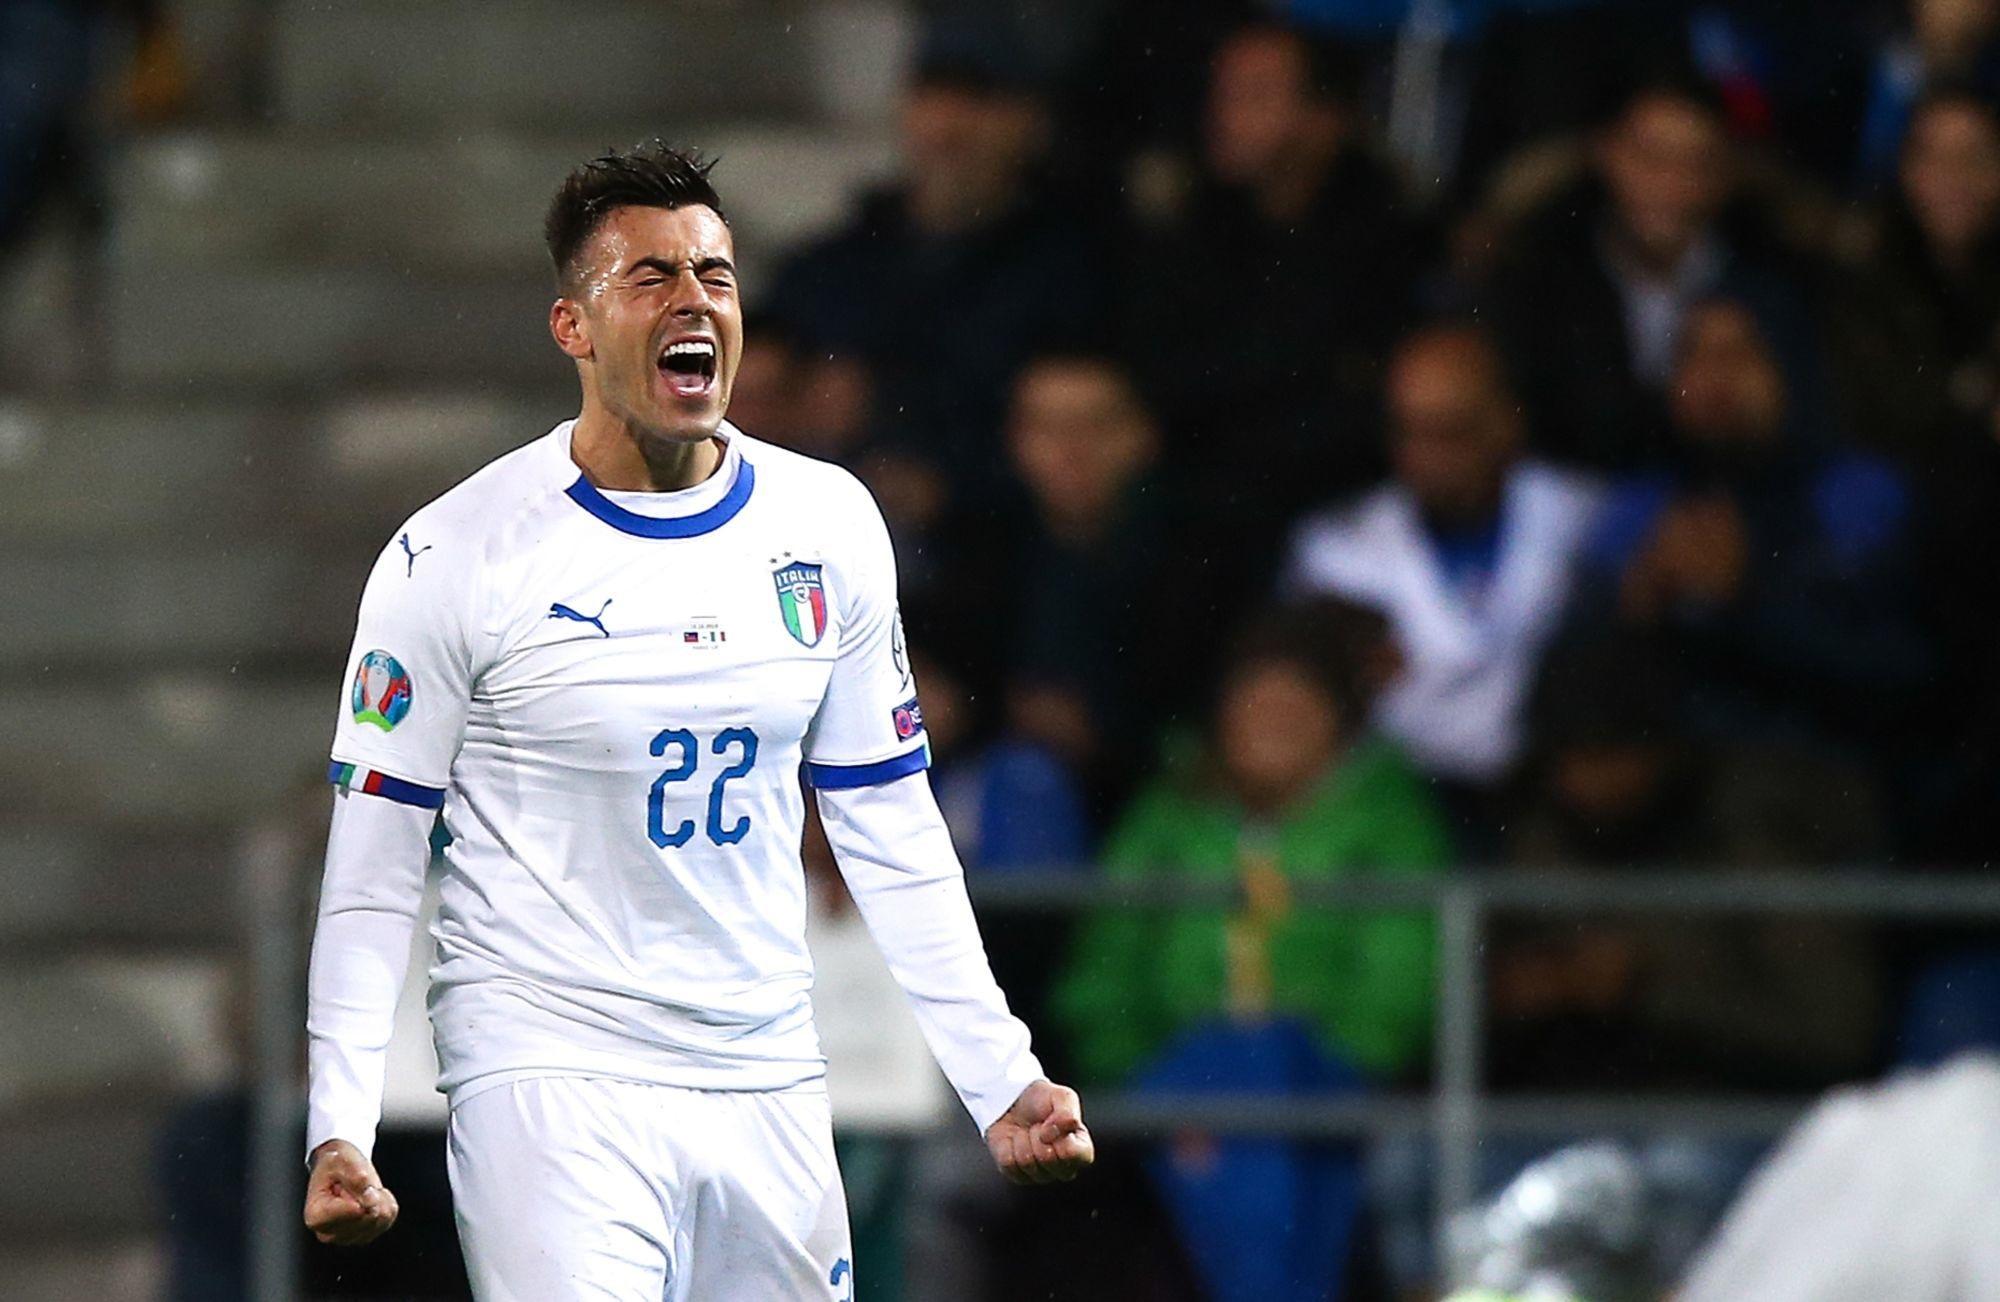 Mercato - Le PSG parmi les clubs intéressés par El Shaarawy, assure Téléfoot